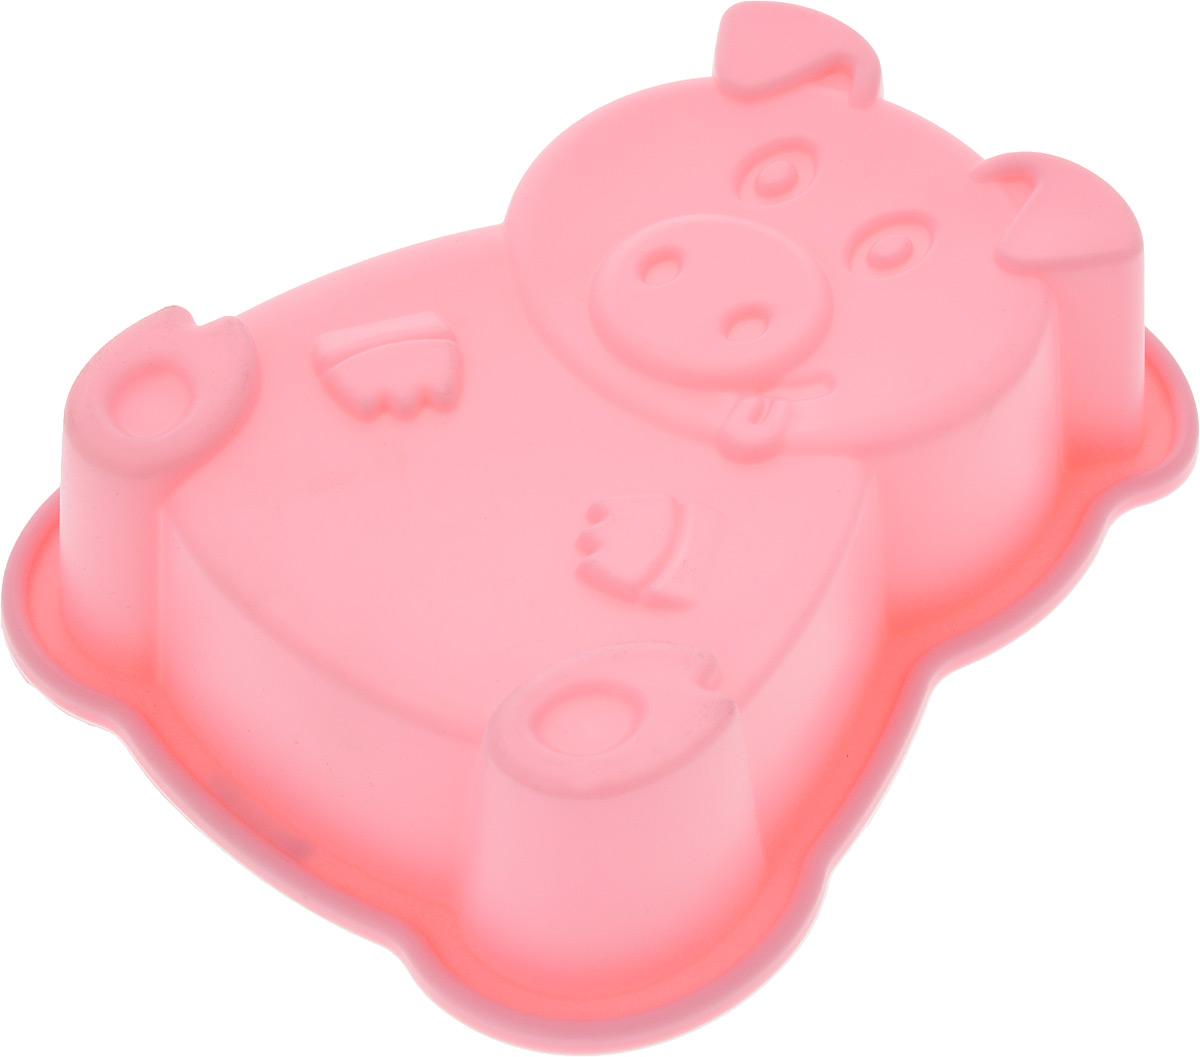 Форма для выпечки и заморозки Regent Inox Поросенок, силиконовая, цвет: розовый93-SI-FO-74Форма для выпечки и заморозки Поросёнок выполнена из силикона и предназначена для изготовления выпечки, конфет, мармелада, желе, льда и даже мыла. С помощью формы в виде забавного поросёнка любой день можно превратить в праздник и порадовать детей.Силиконовые формы выдерживают высокие и низкие температуры (от -40°С до +230°С). Они эластичны, износостойки, легко моются, не горят и не тлеют, не впитывают запахи, не оставляют пятен. Силикон абсолютно безвреден для здоровья.Не используйте моющие средства, содержащие абразивы. Можно мыть в посудомоечной машине. Подходит для использования во всех типах печей. Характеристики:Материал: силикон. Общий размер формы: 18 см х 15 см х 5 см. Размер упаковки: 28,5 см х 19 см х 5 см. Изготовитель: Италия. Артикул: 93-SI-FO-74.